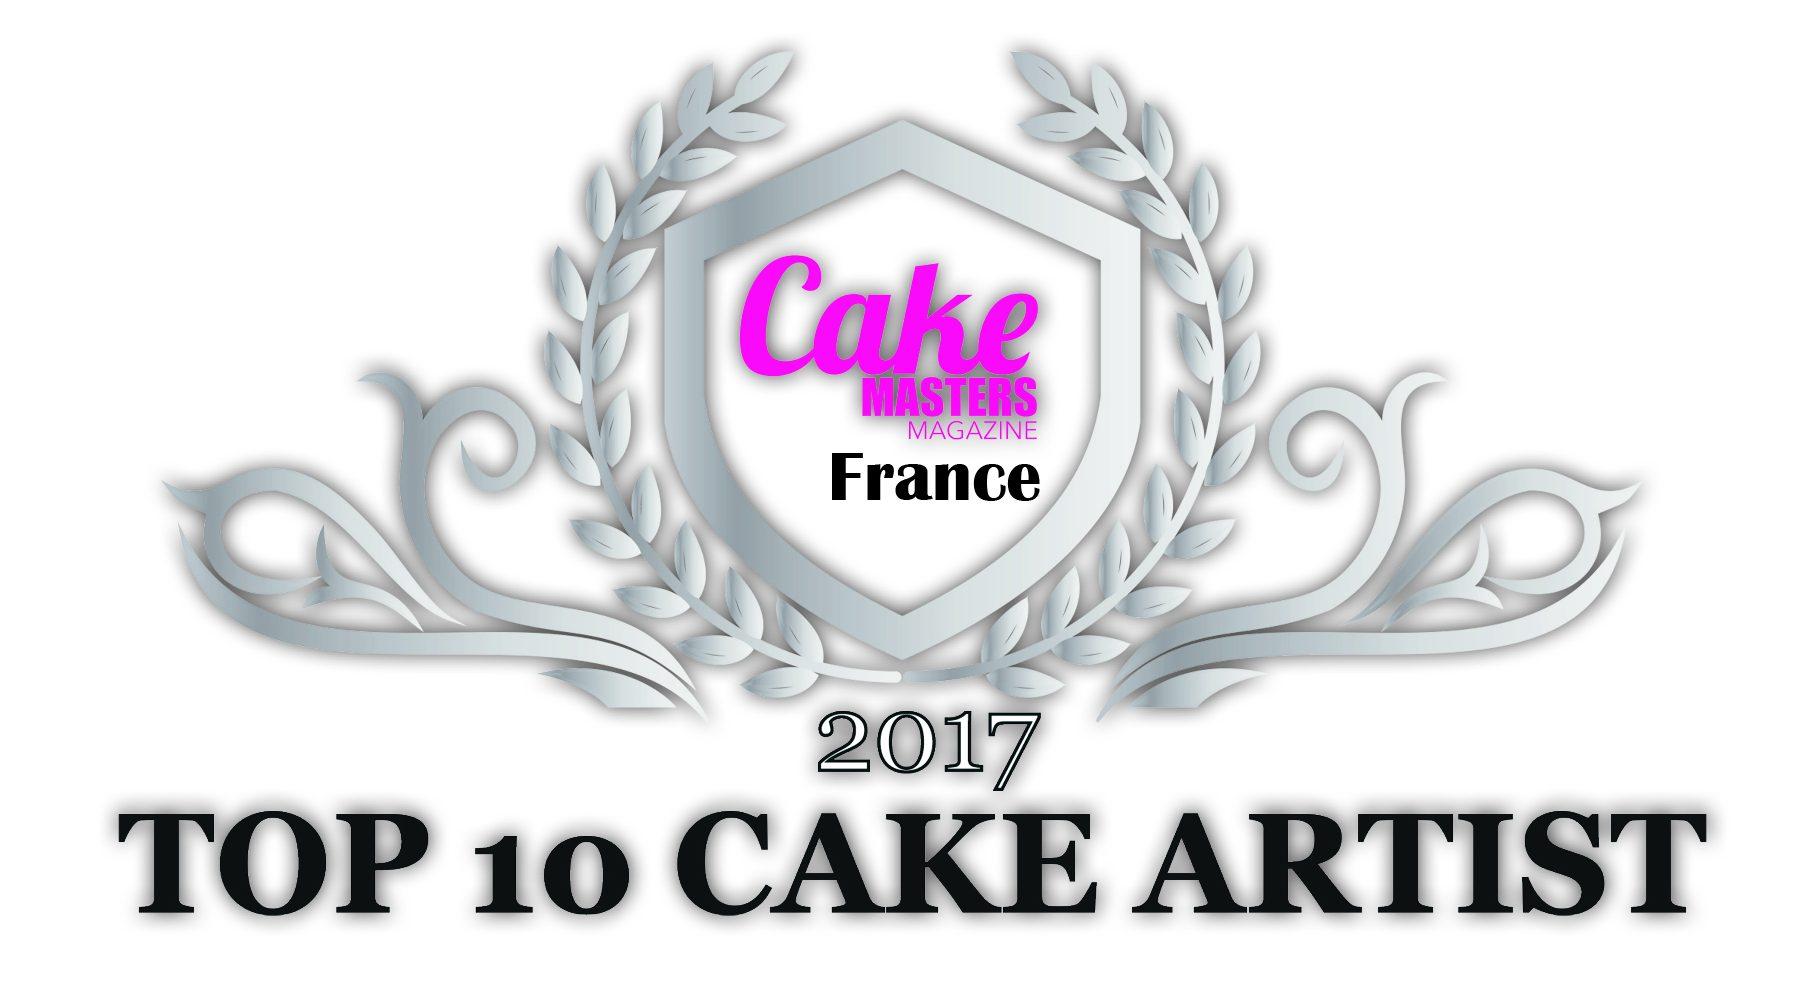 Top 10 des artistes cake designers français